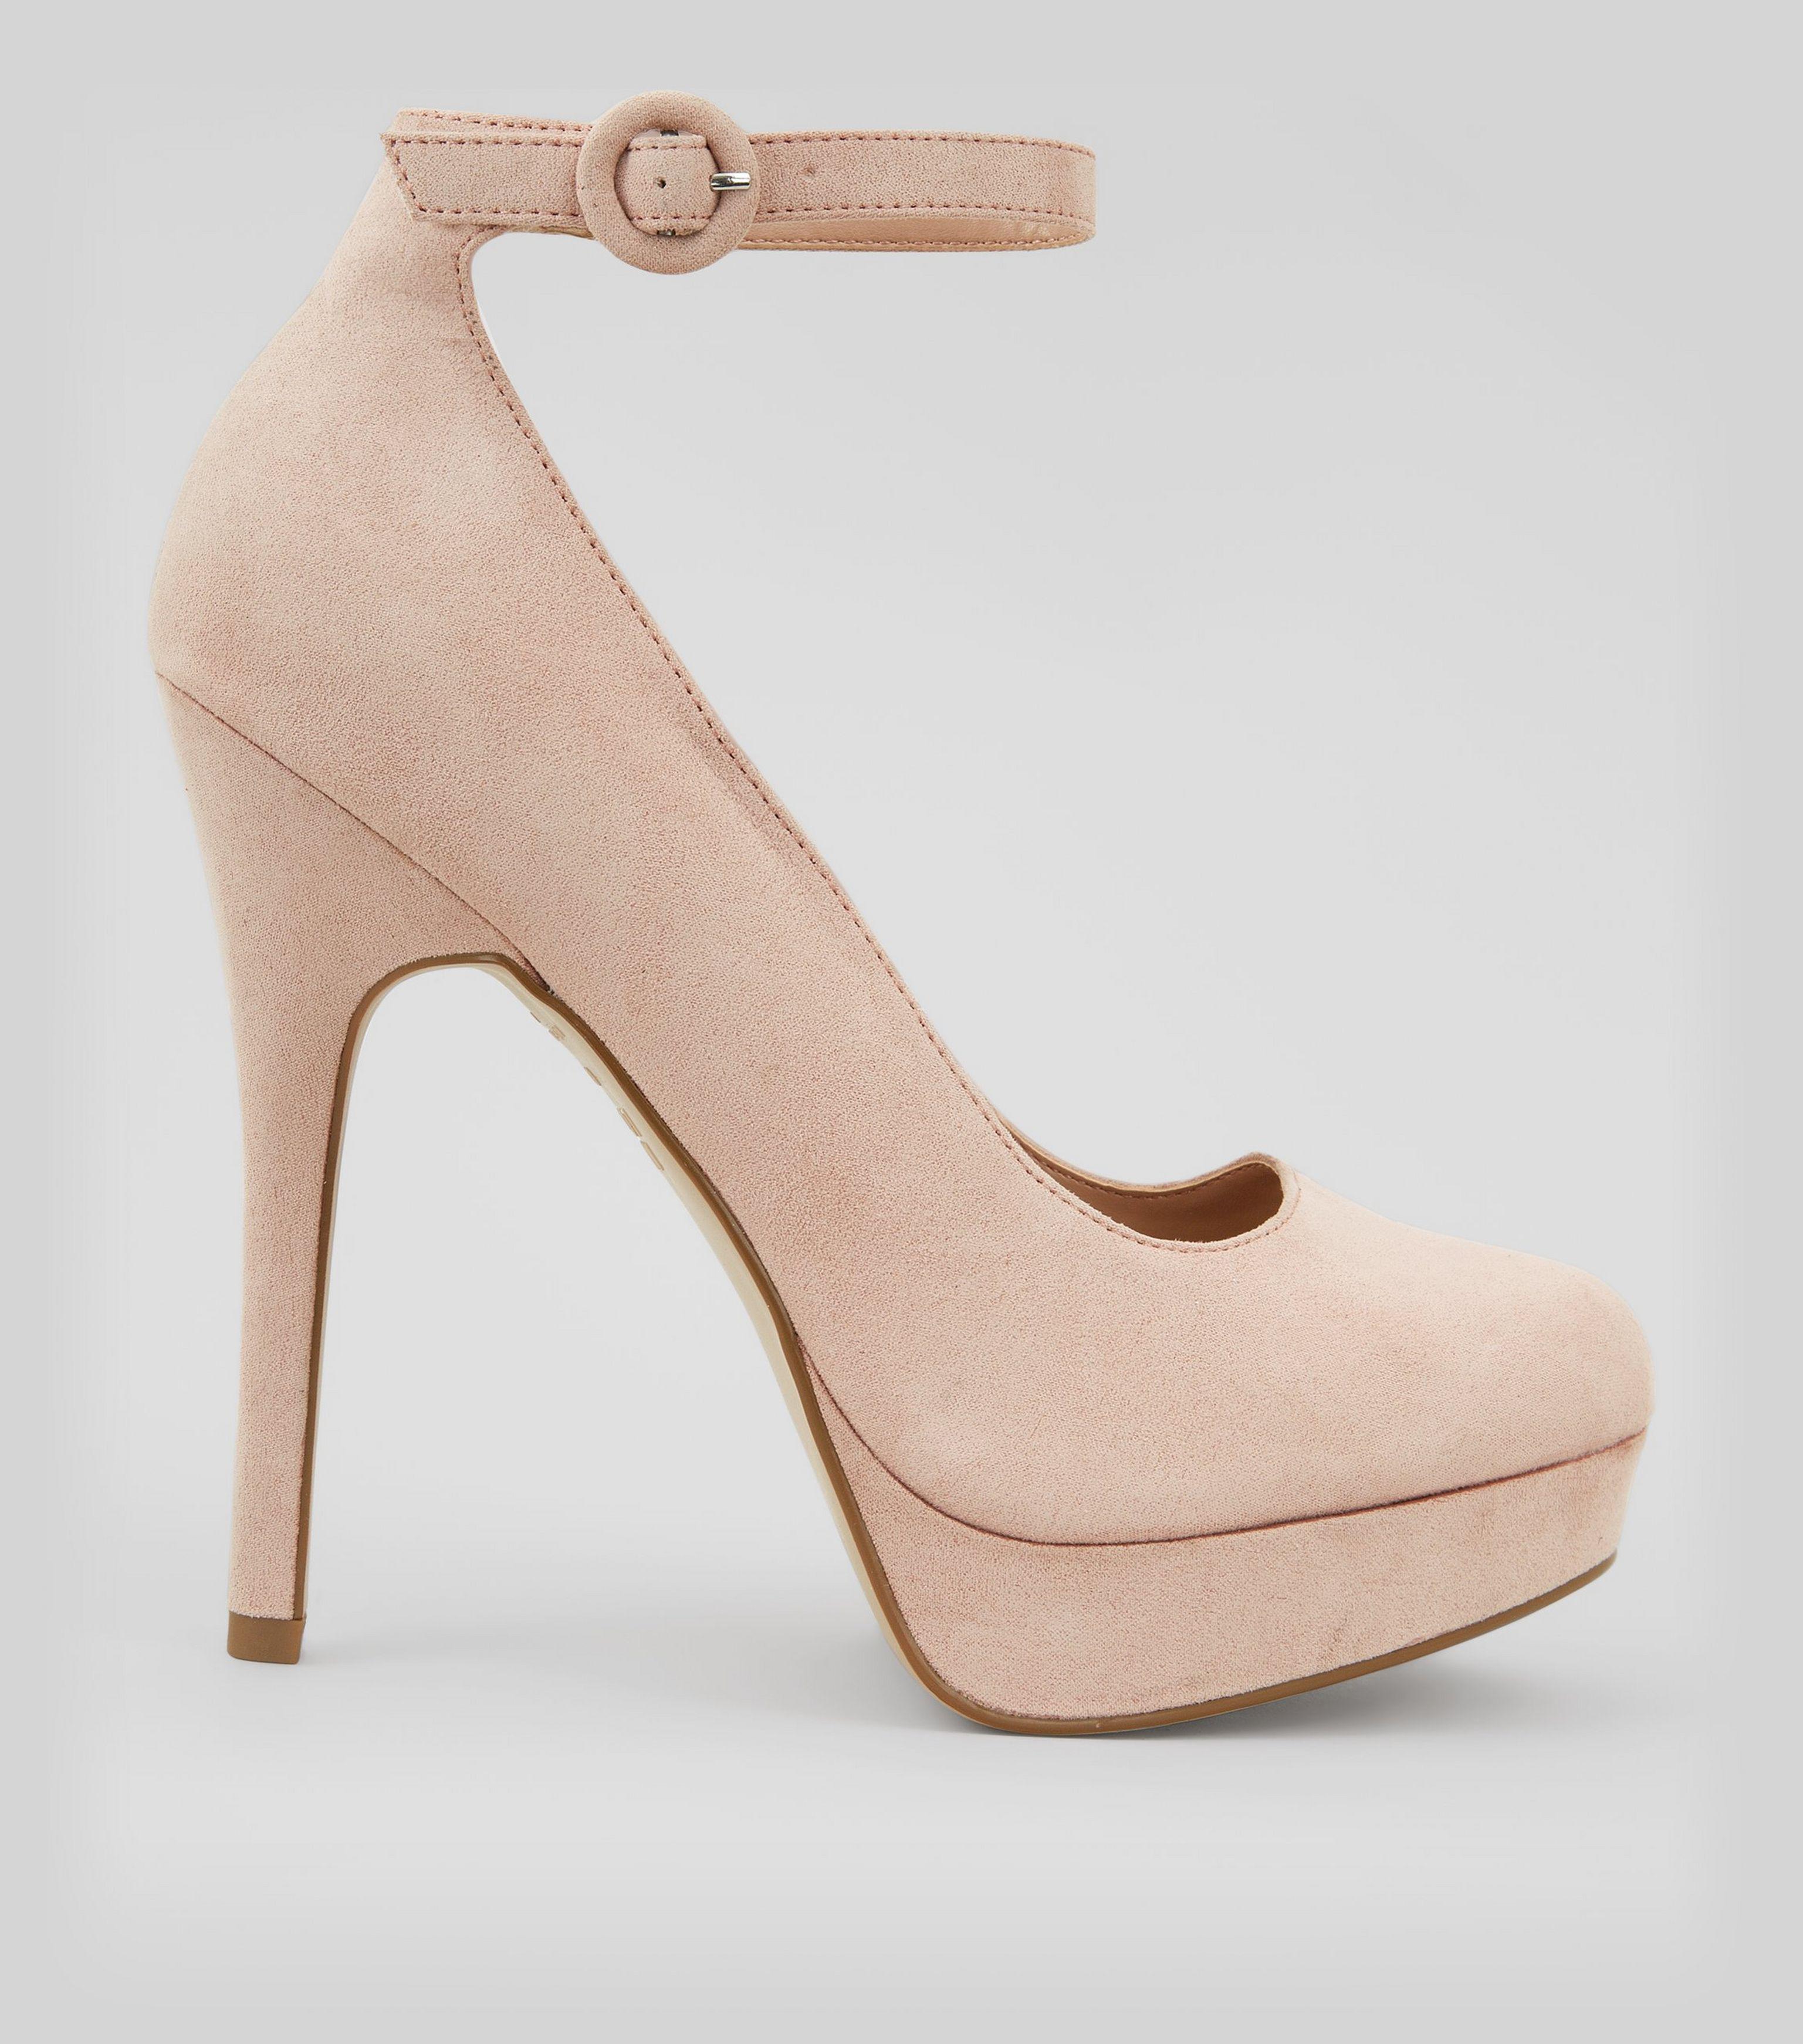 e5d8a4cc99a New Look Pink Suedette Platform Ankle Strap Heels